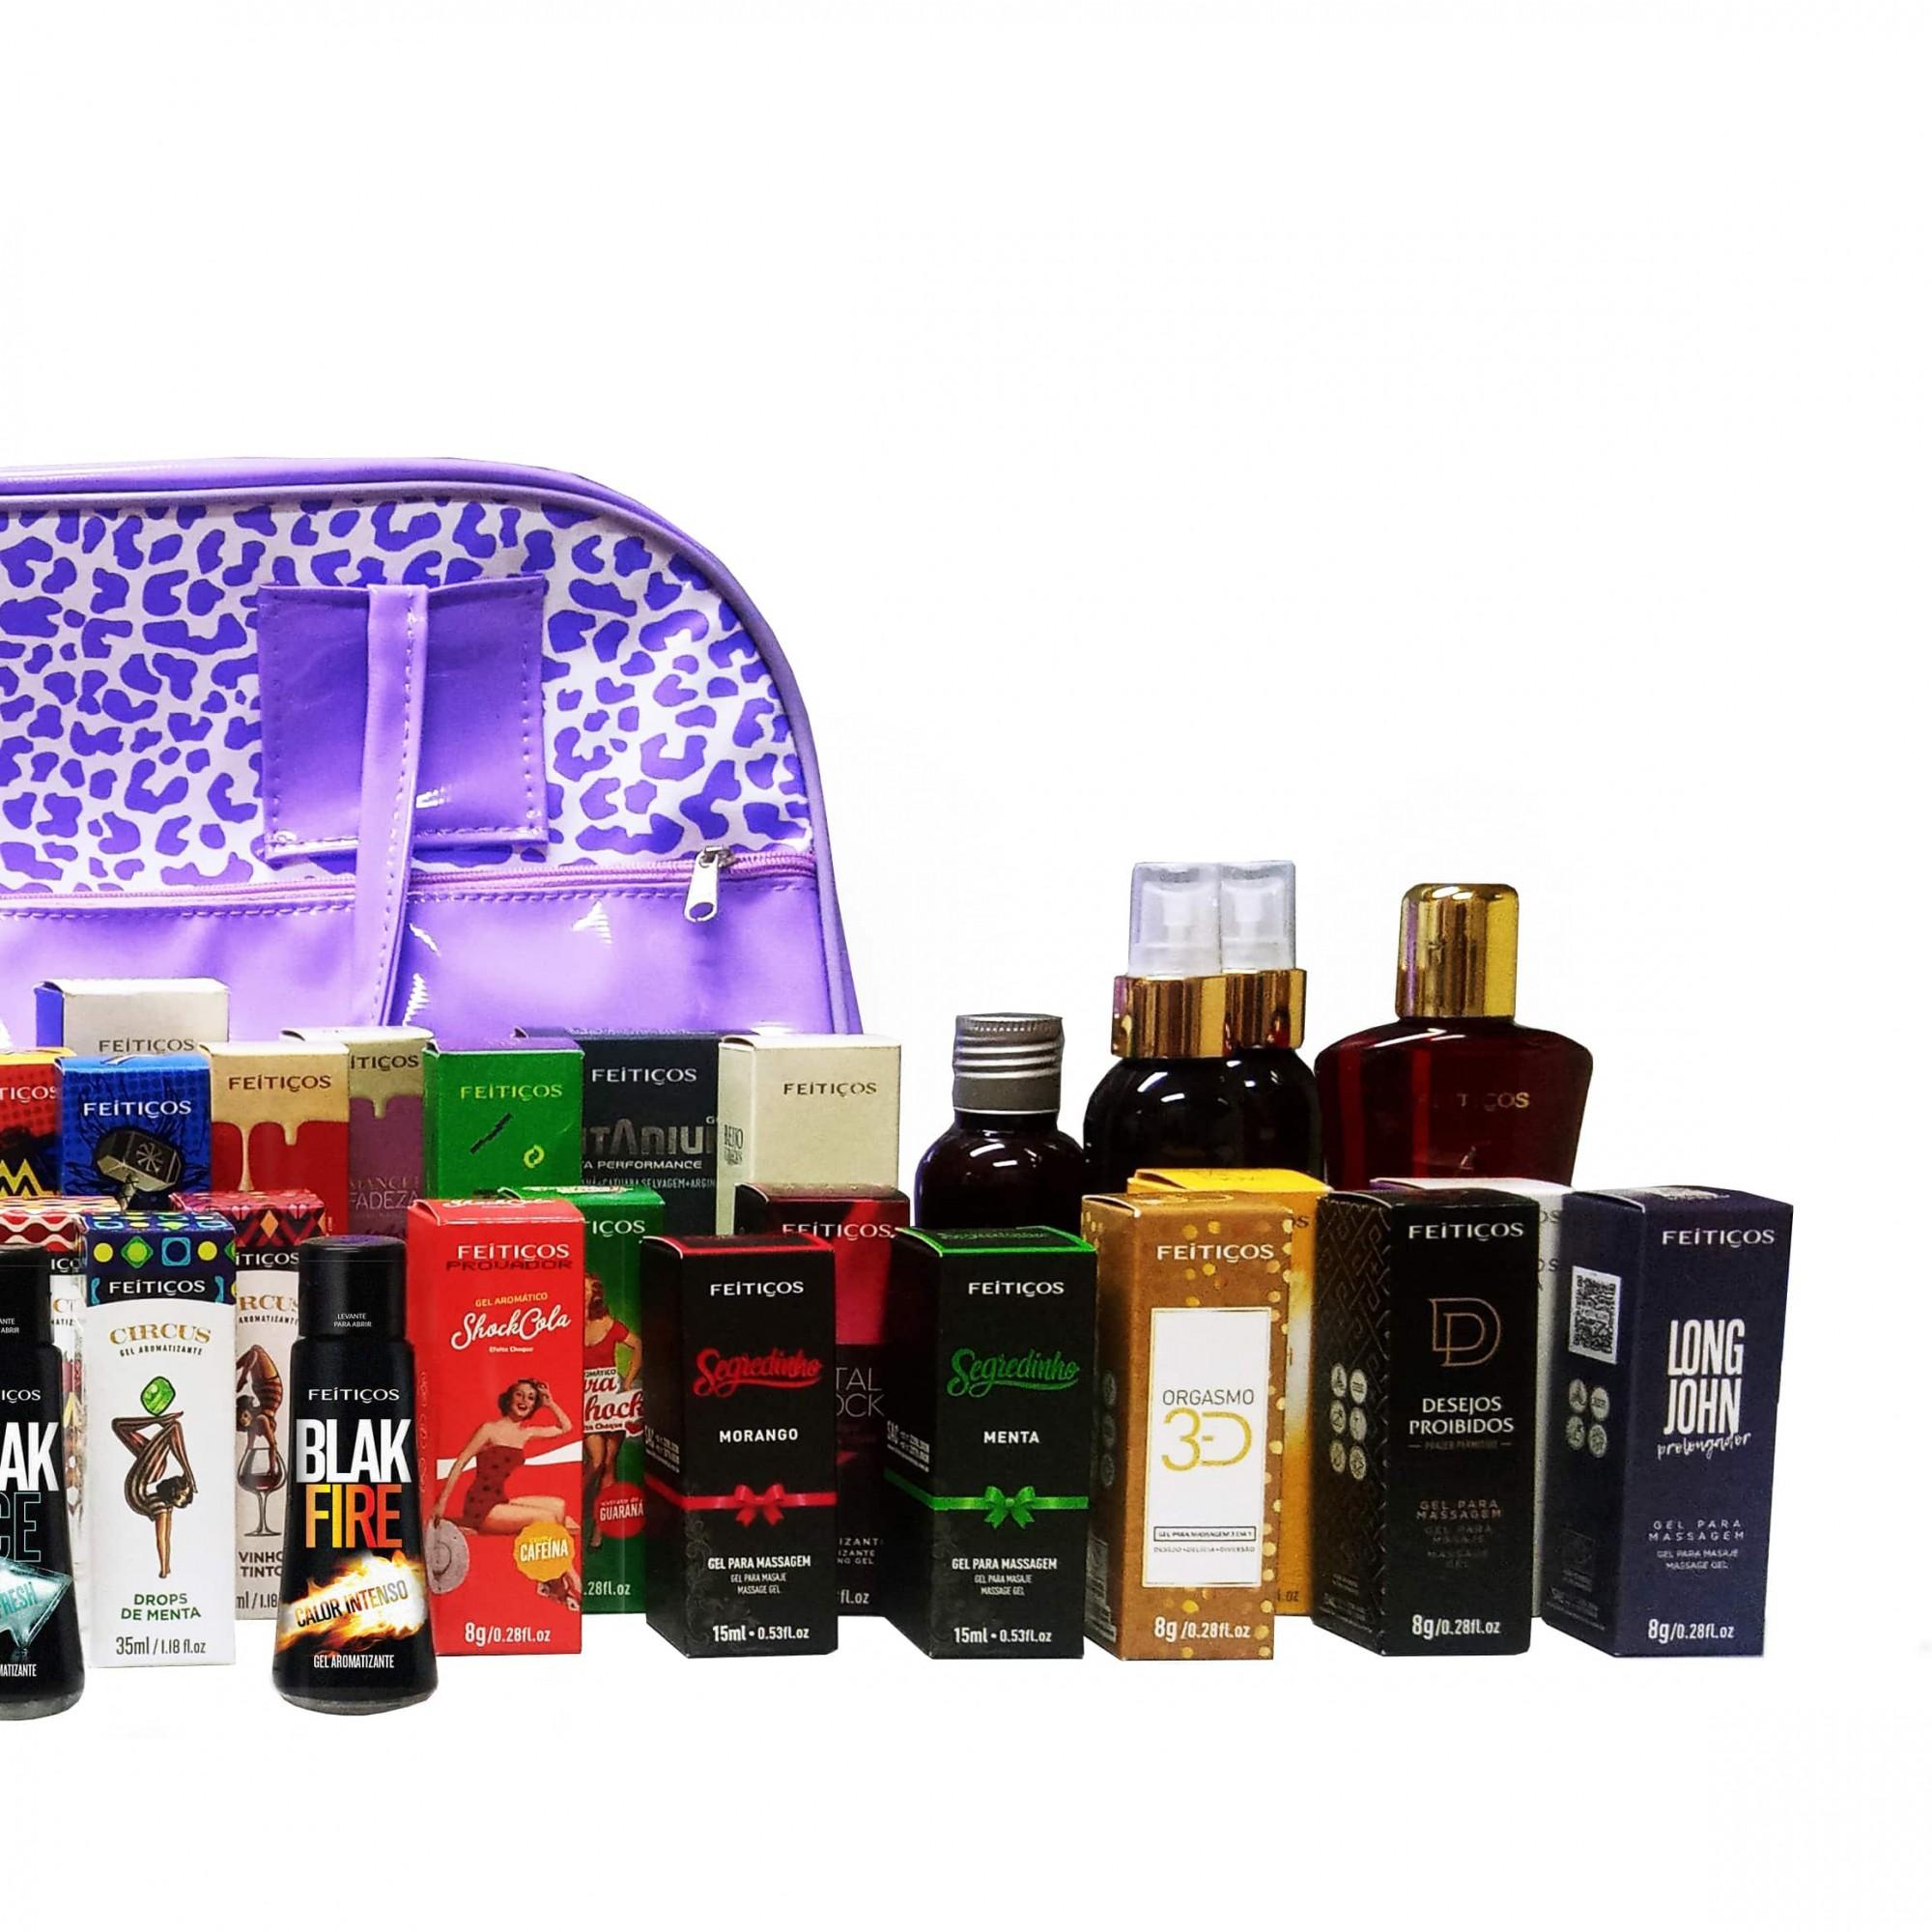 47 produtos da Feitiços + bolsa exclusiva - Empreenda já. Comece a lucrar com a gente!